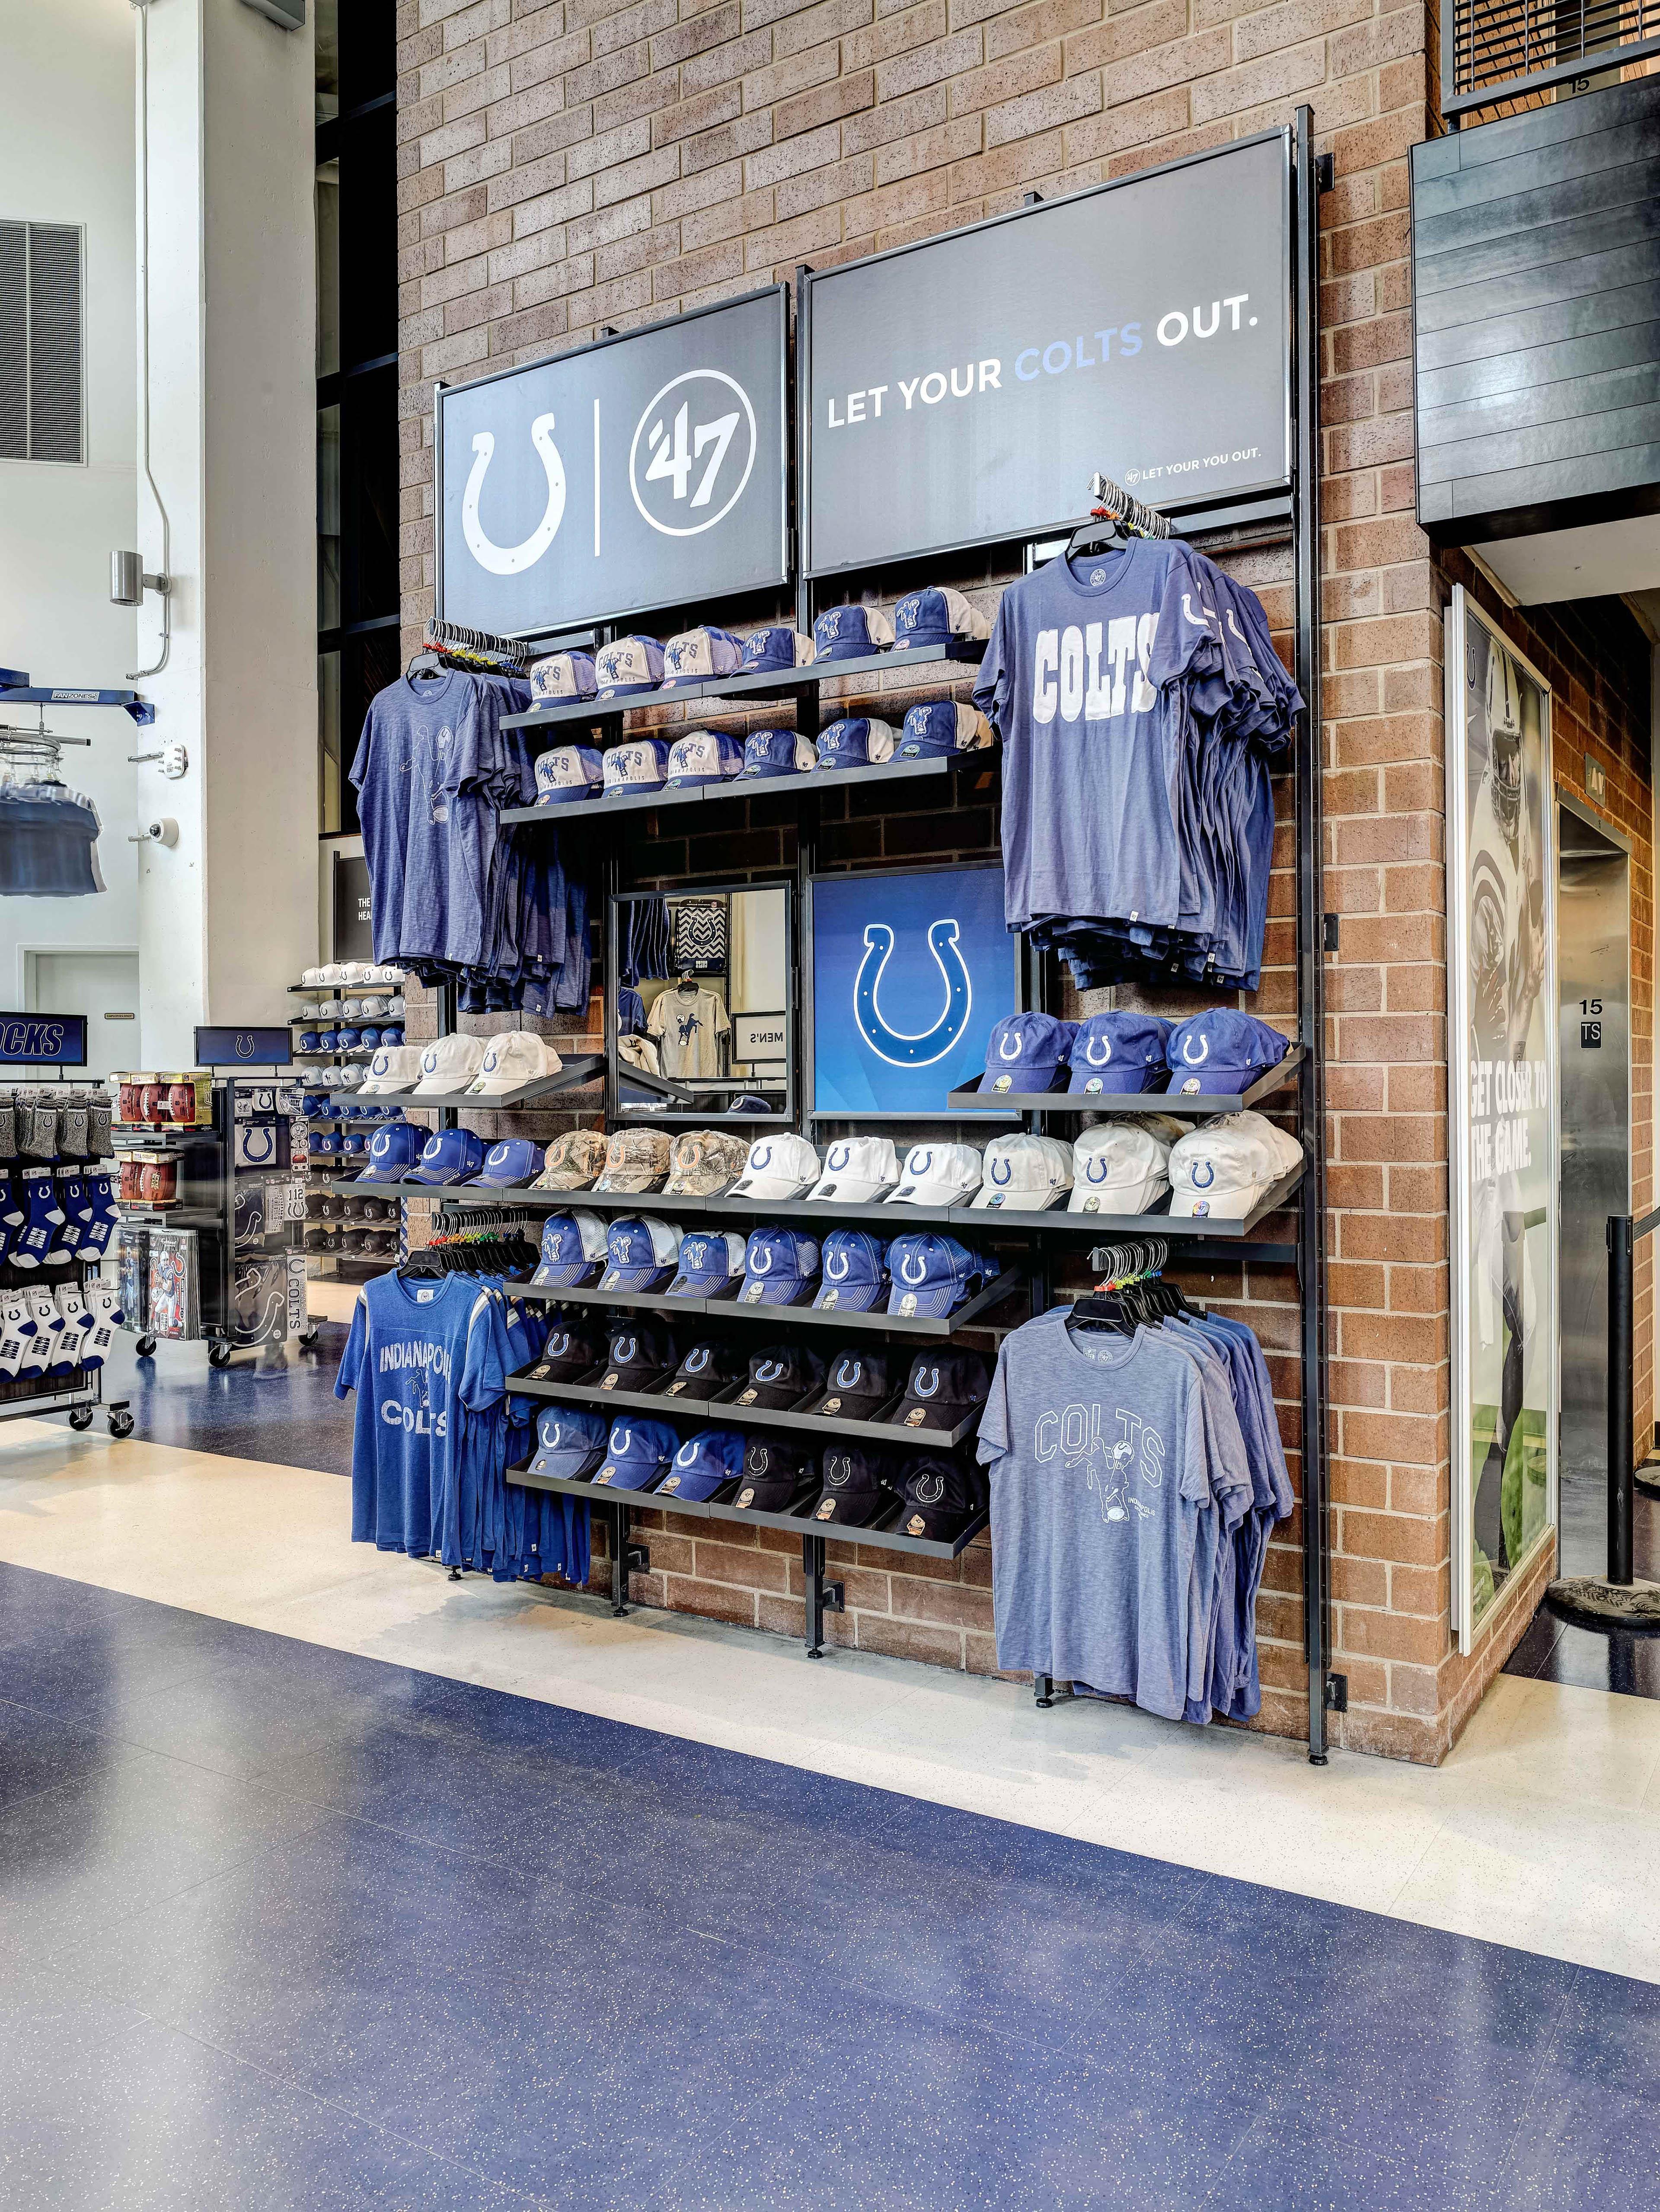 Colts Pro Shop Lucas Oil Stadium on Behance